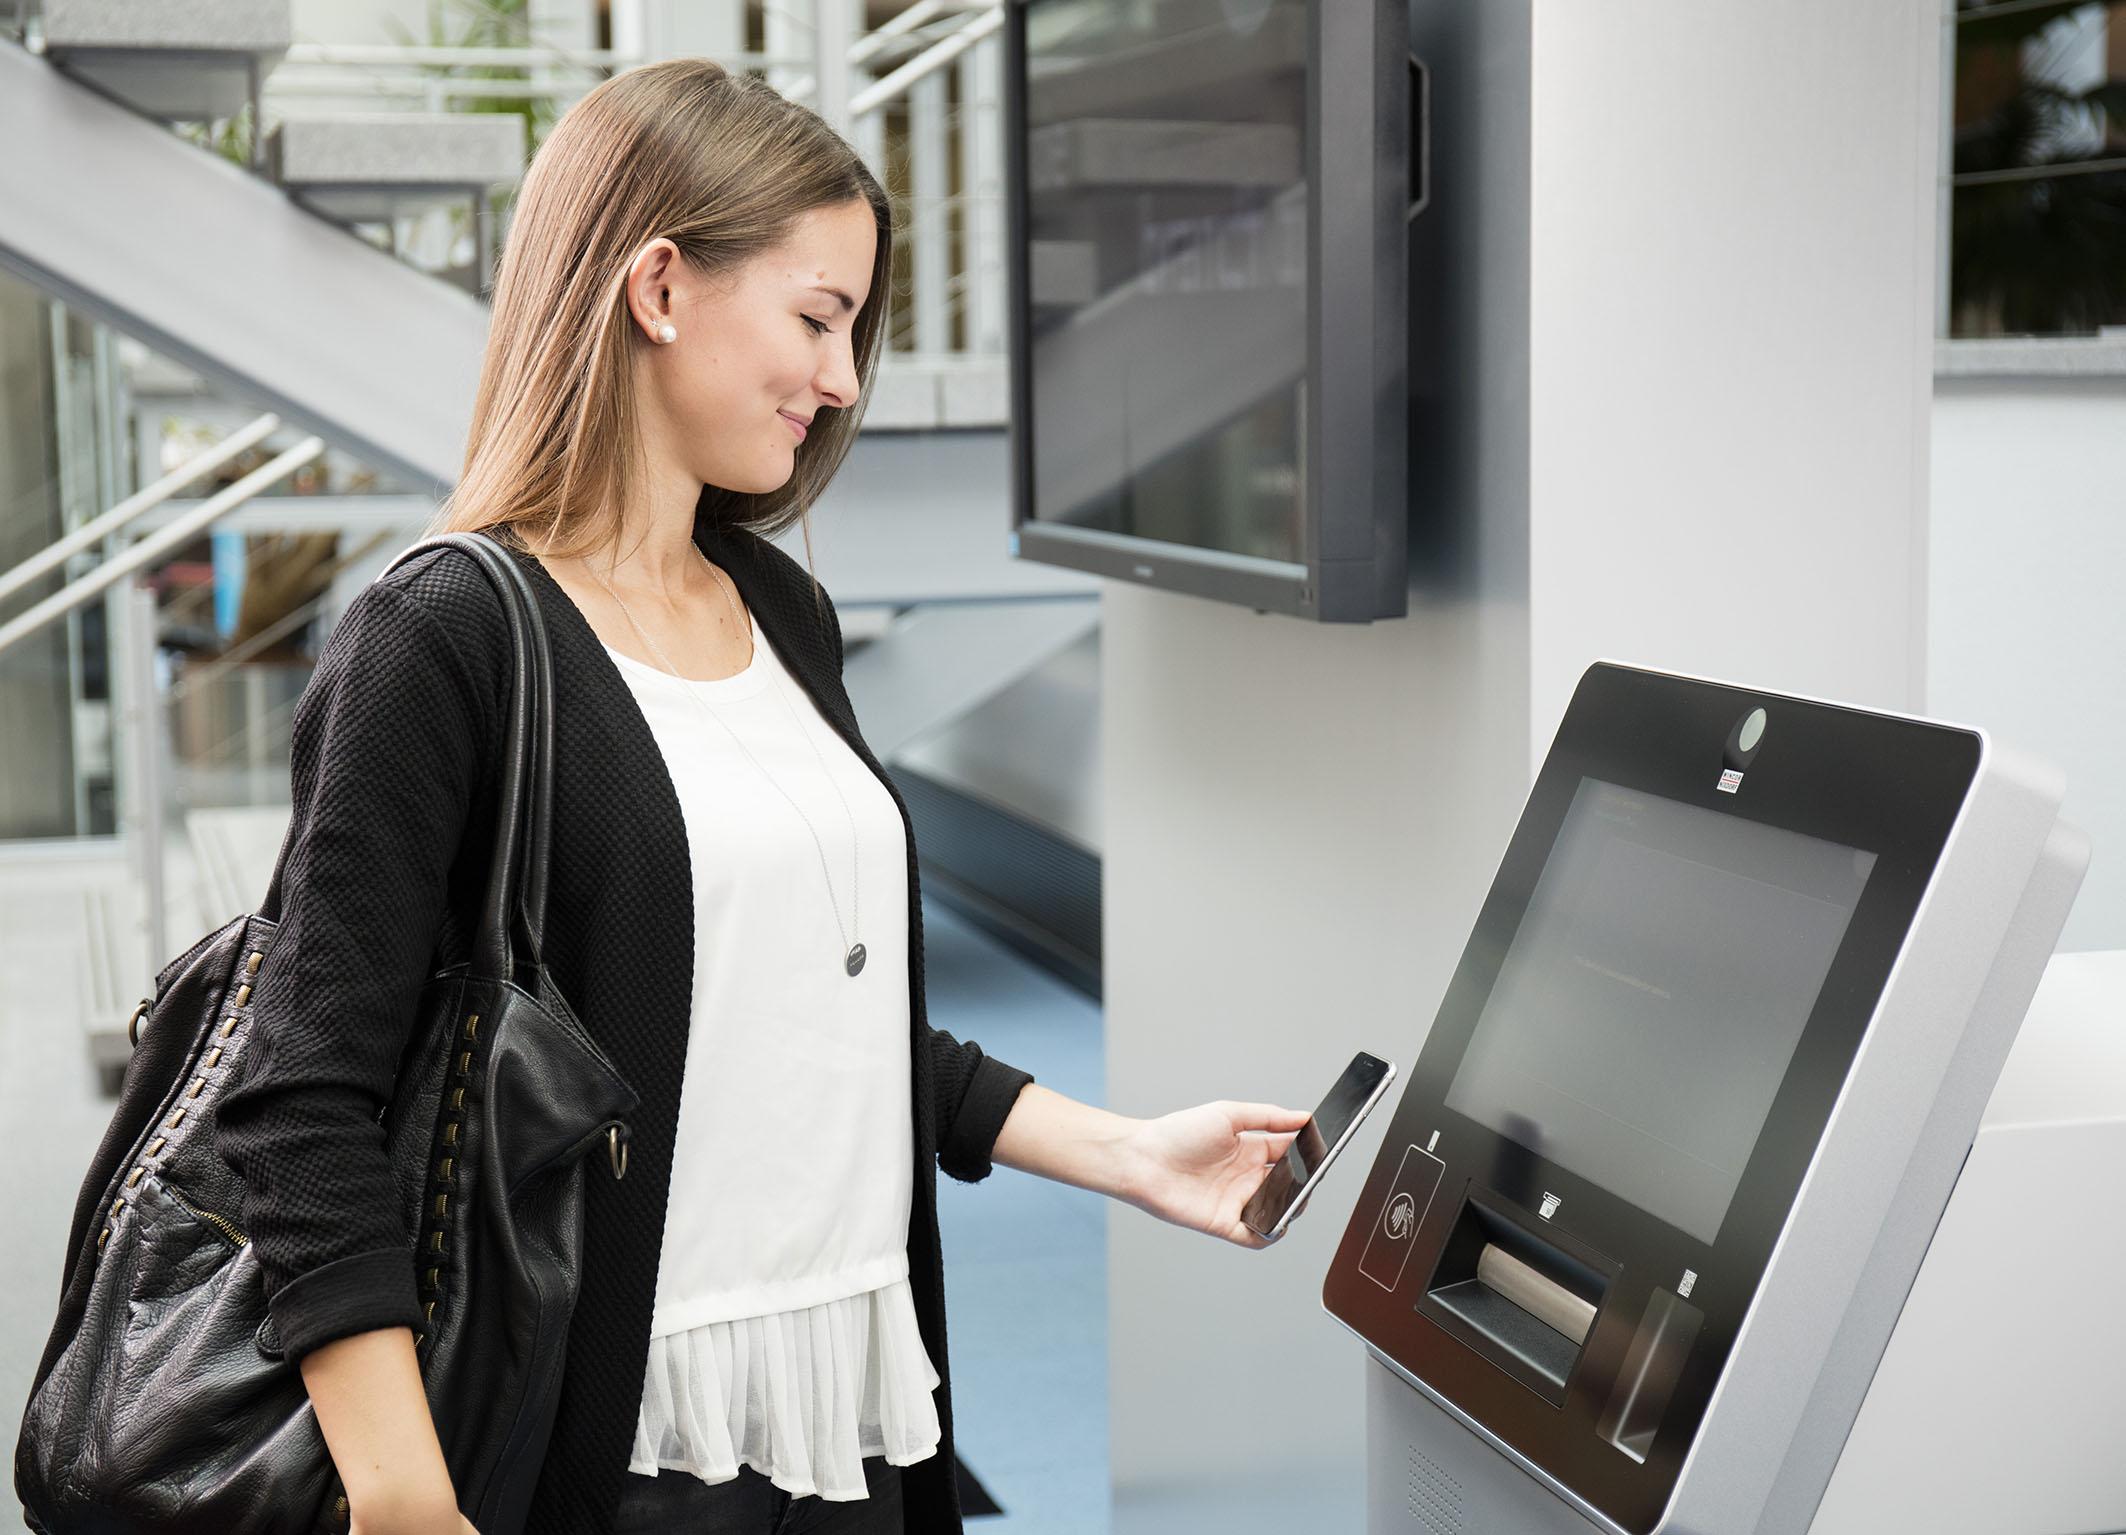 Рынок банкоматов будет расти